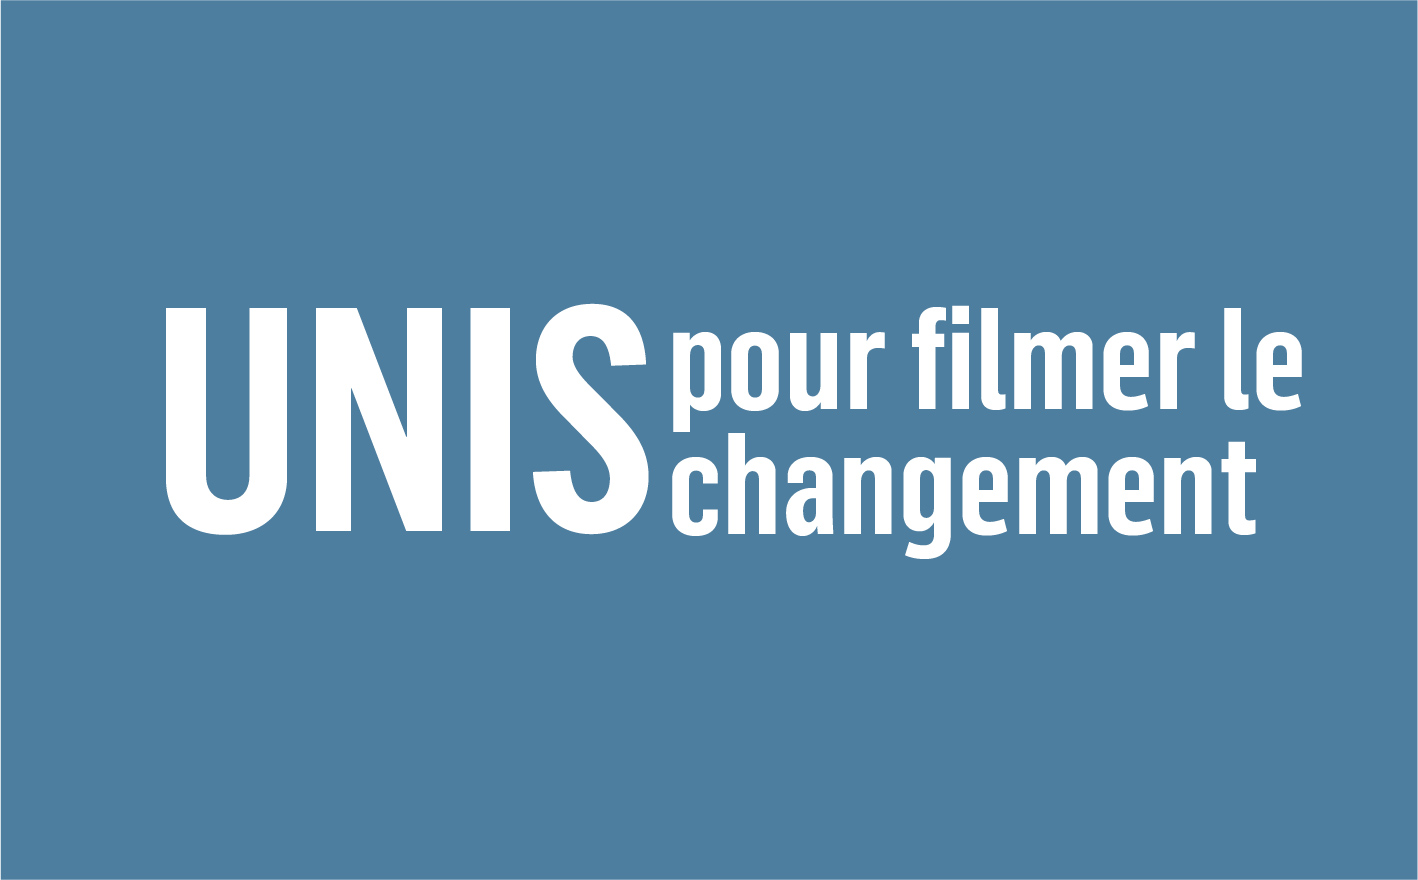 UNIS pour filmer le changement